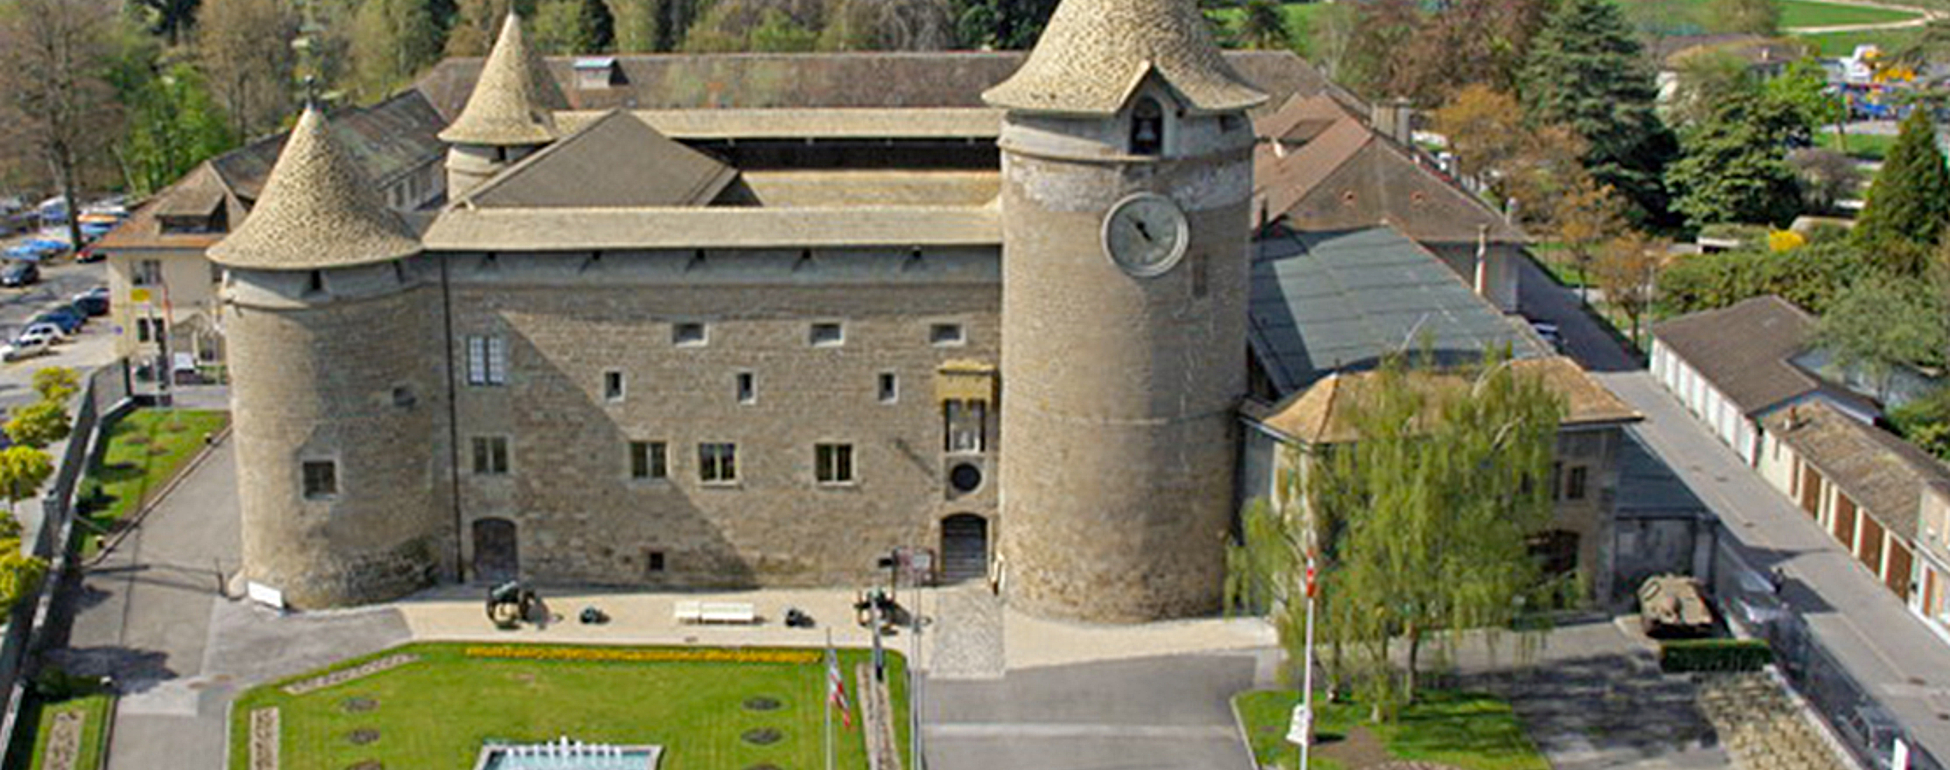 Morges Castle